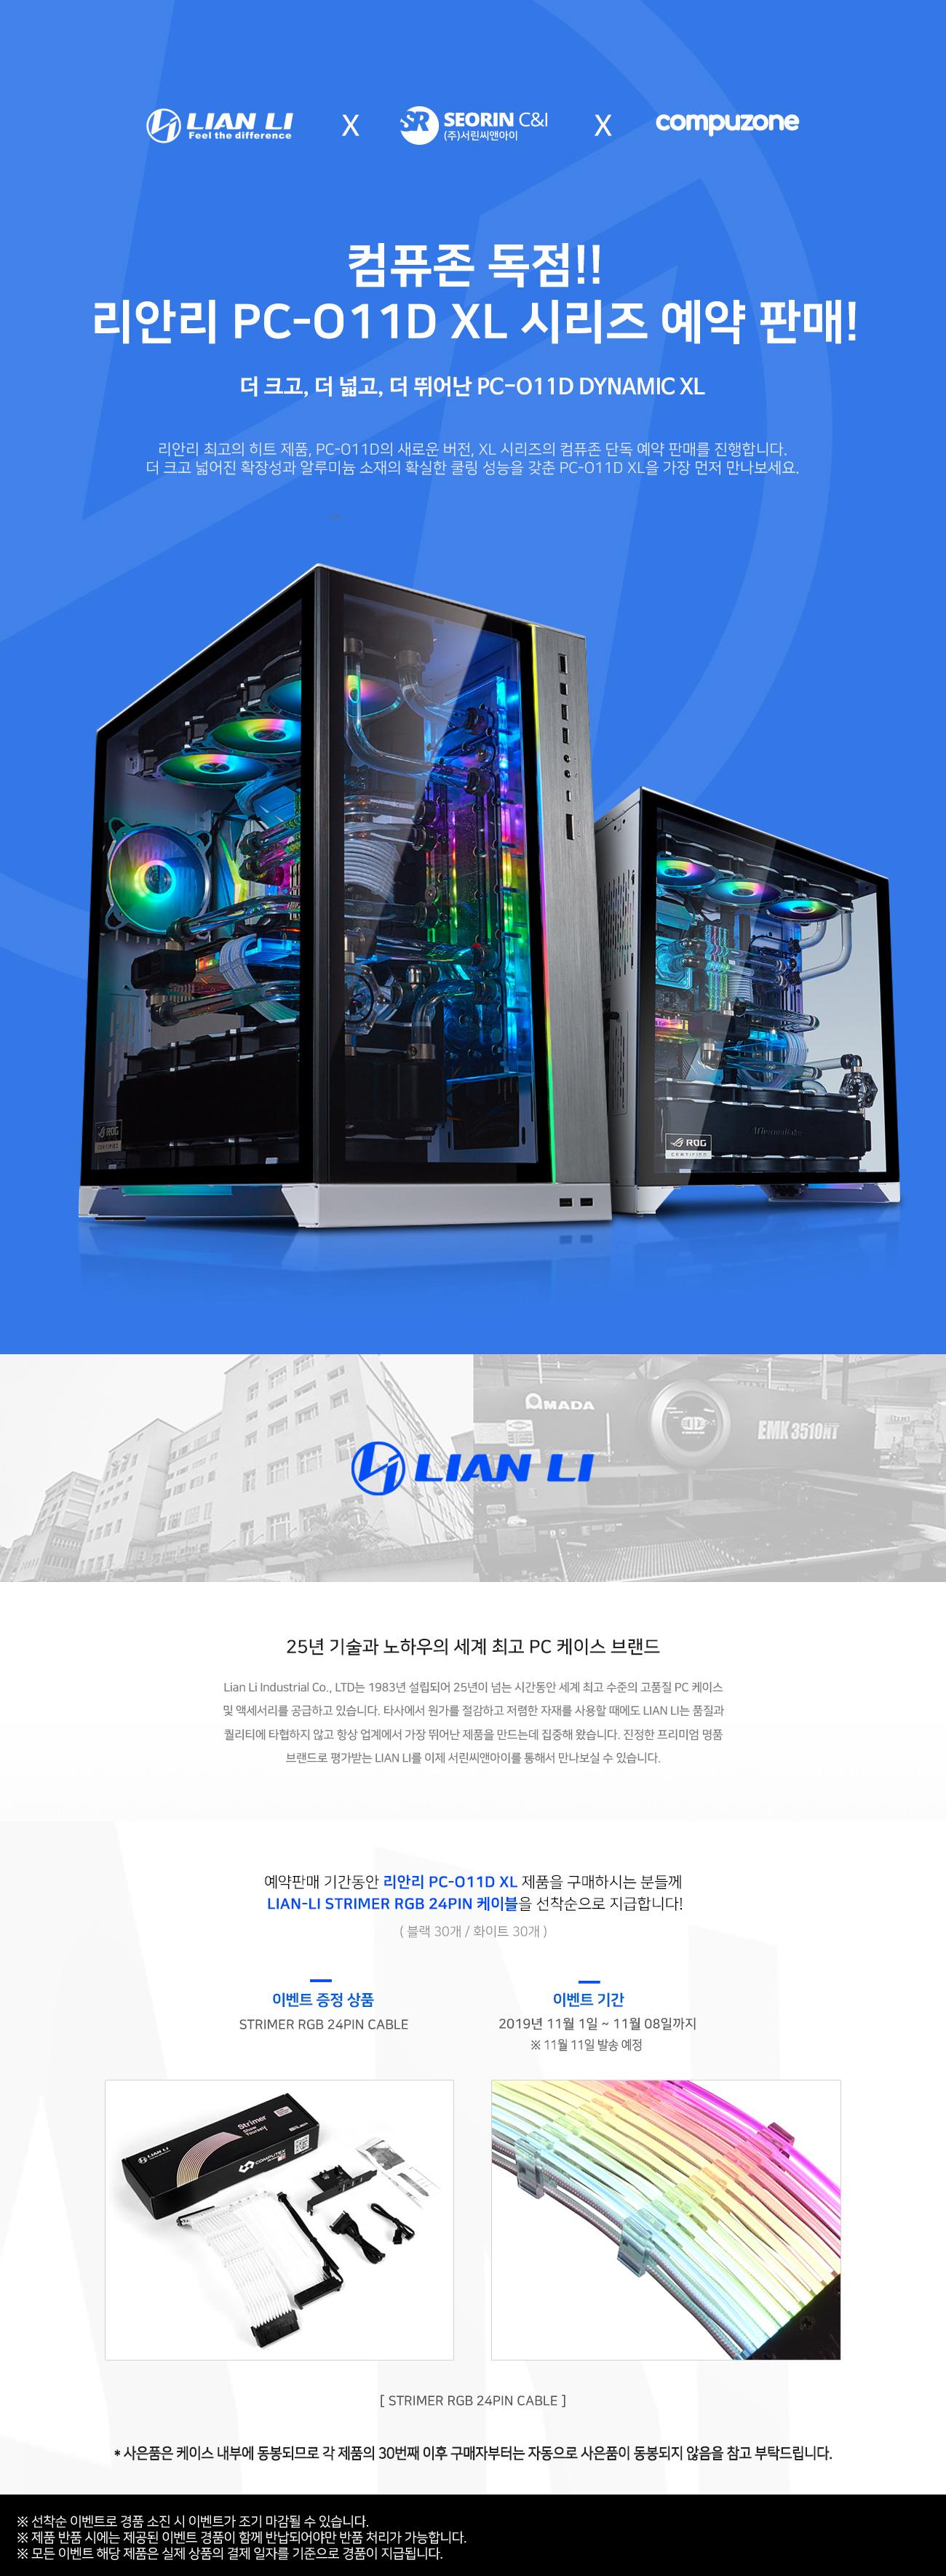 컴퓨존 단독! 리안리 PC-O11D XL 예약판매 이벤트 !!